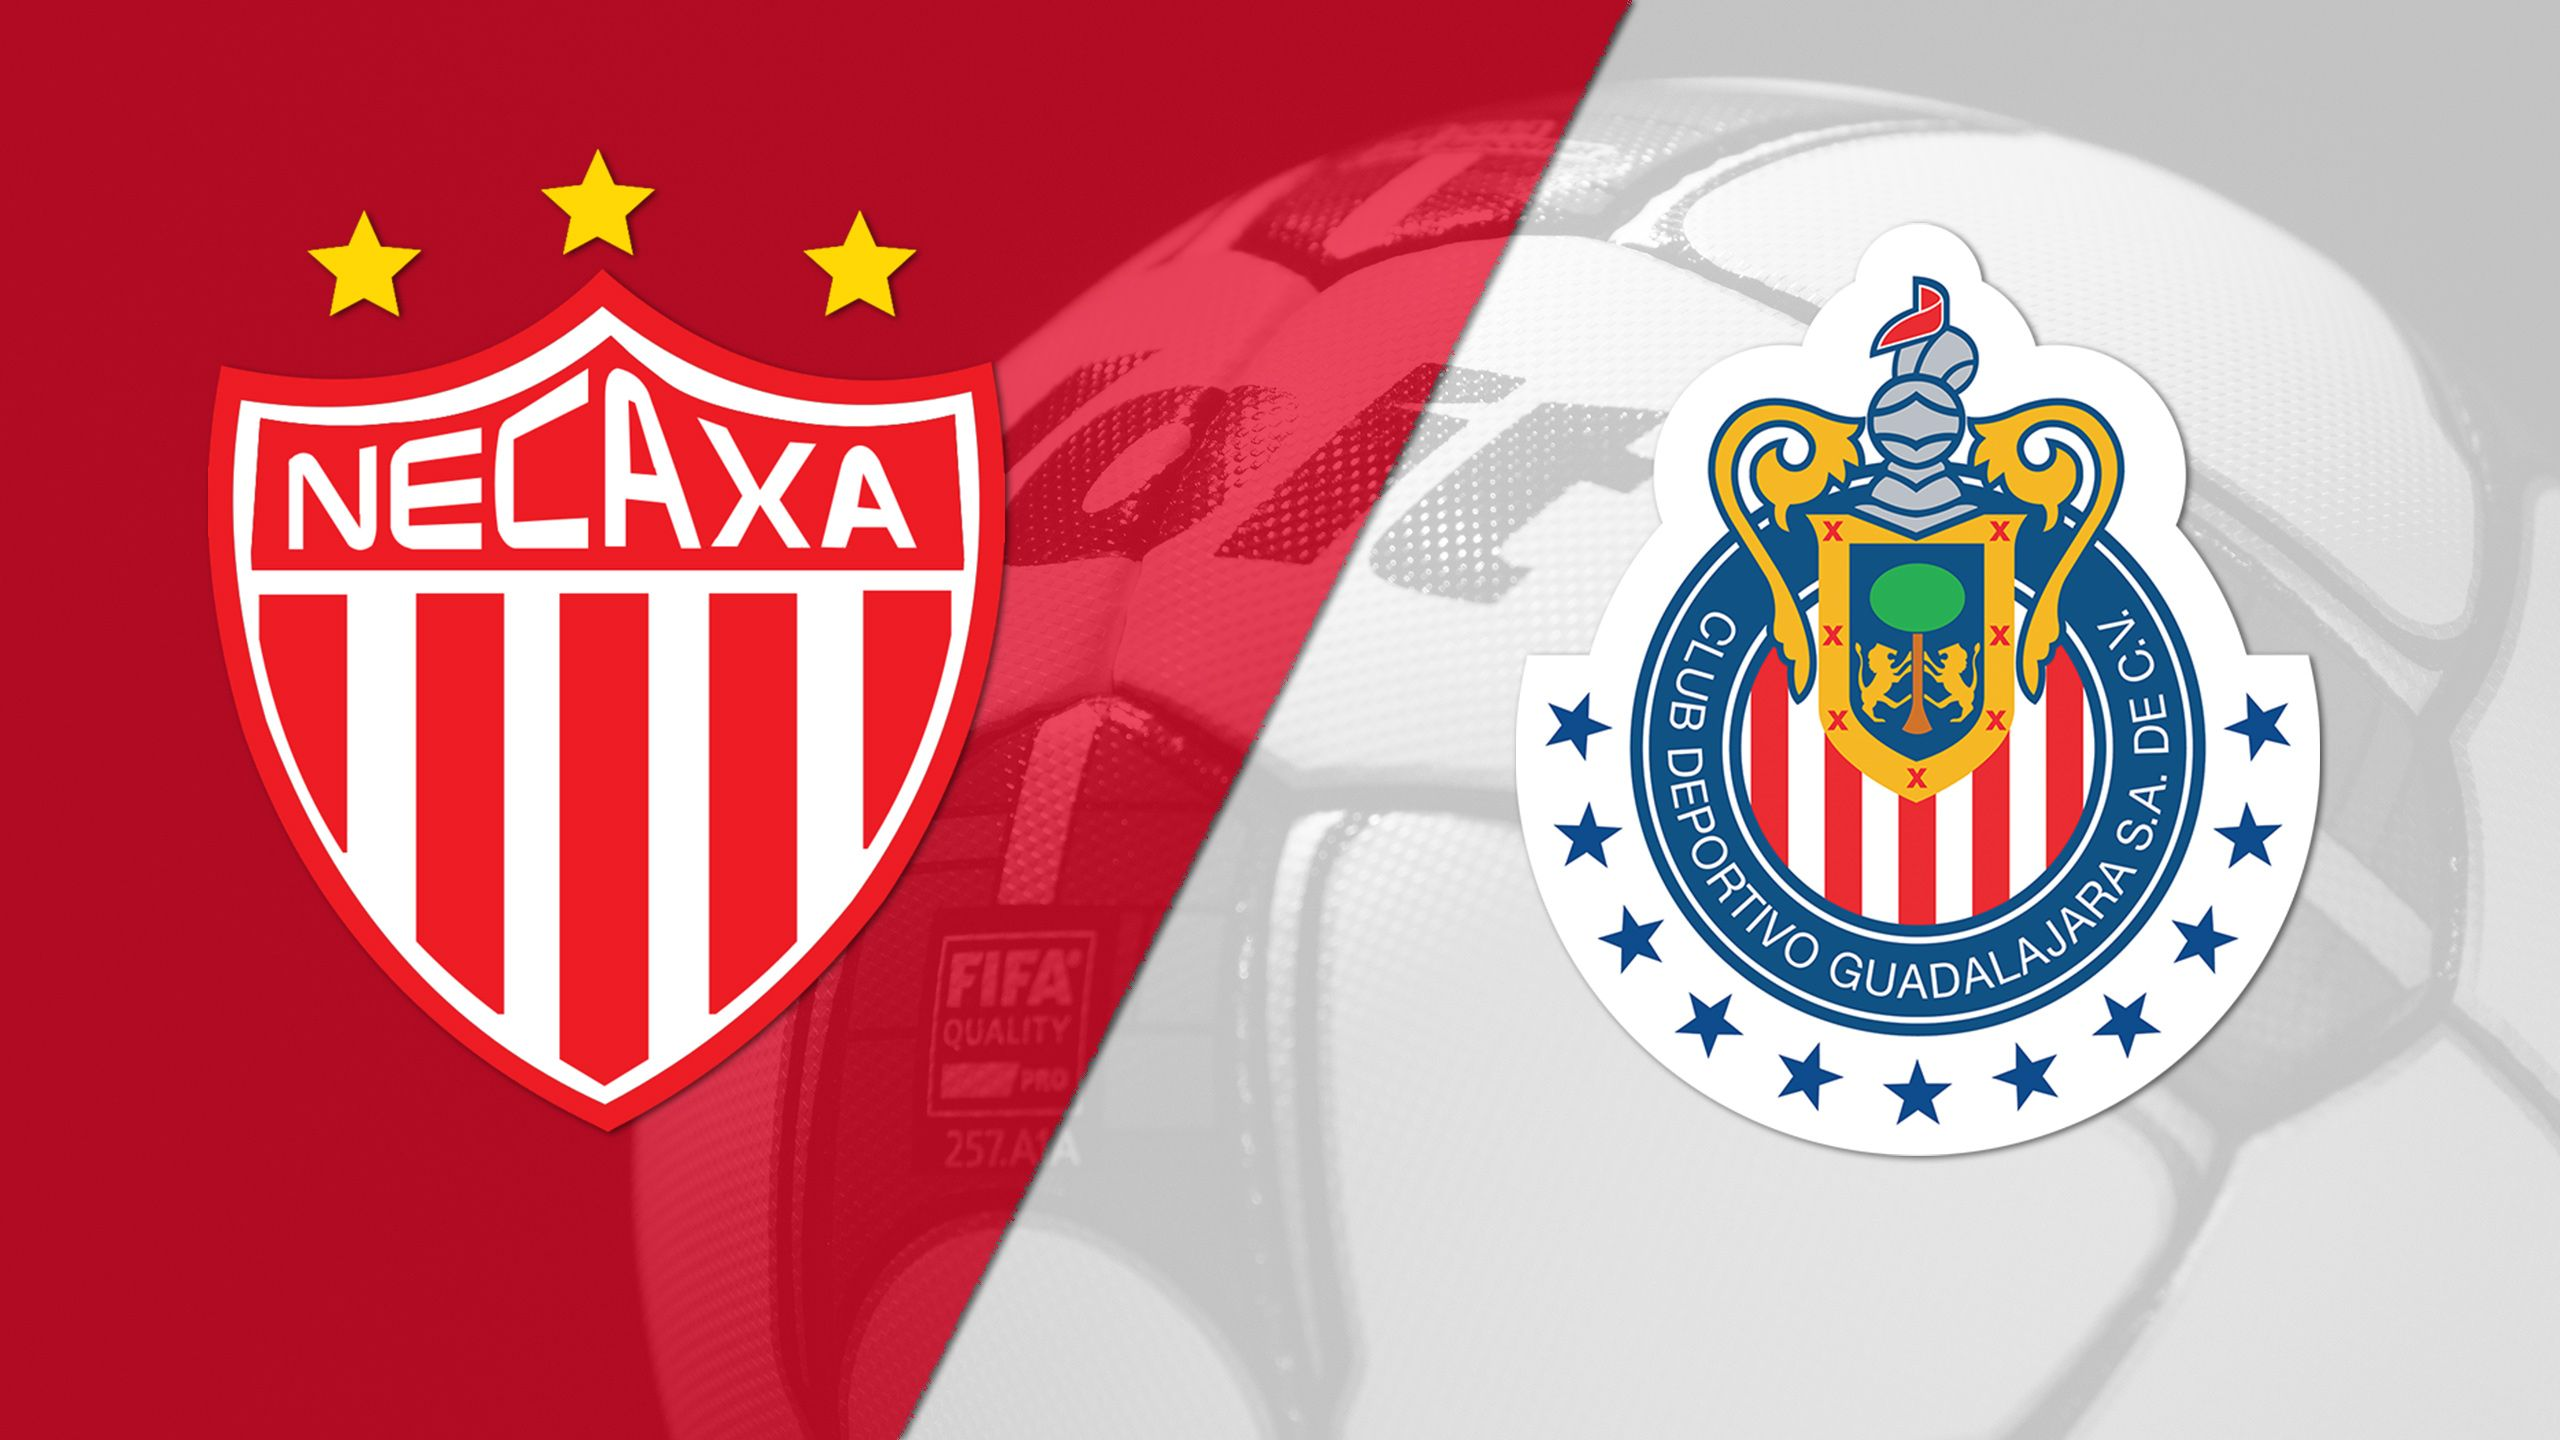 In Spanish - Rayos del Necaxa vs. Chivas de Guadalajara (Matchday #3) (Liga MX)